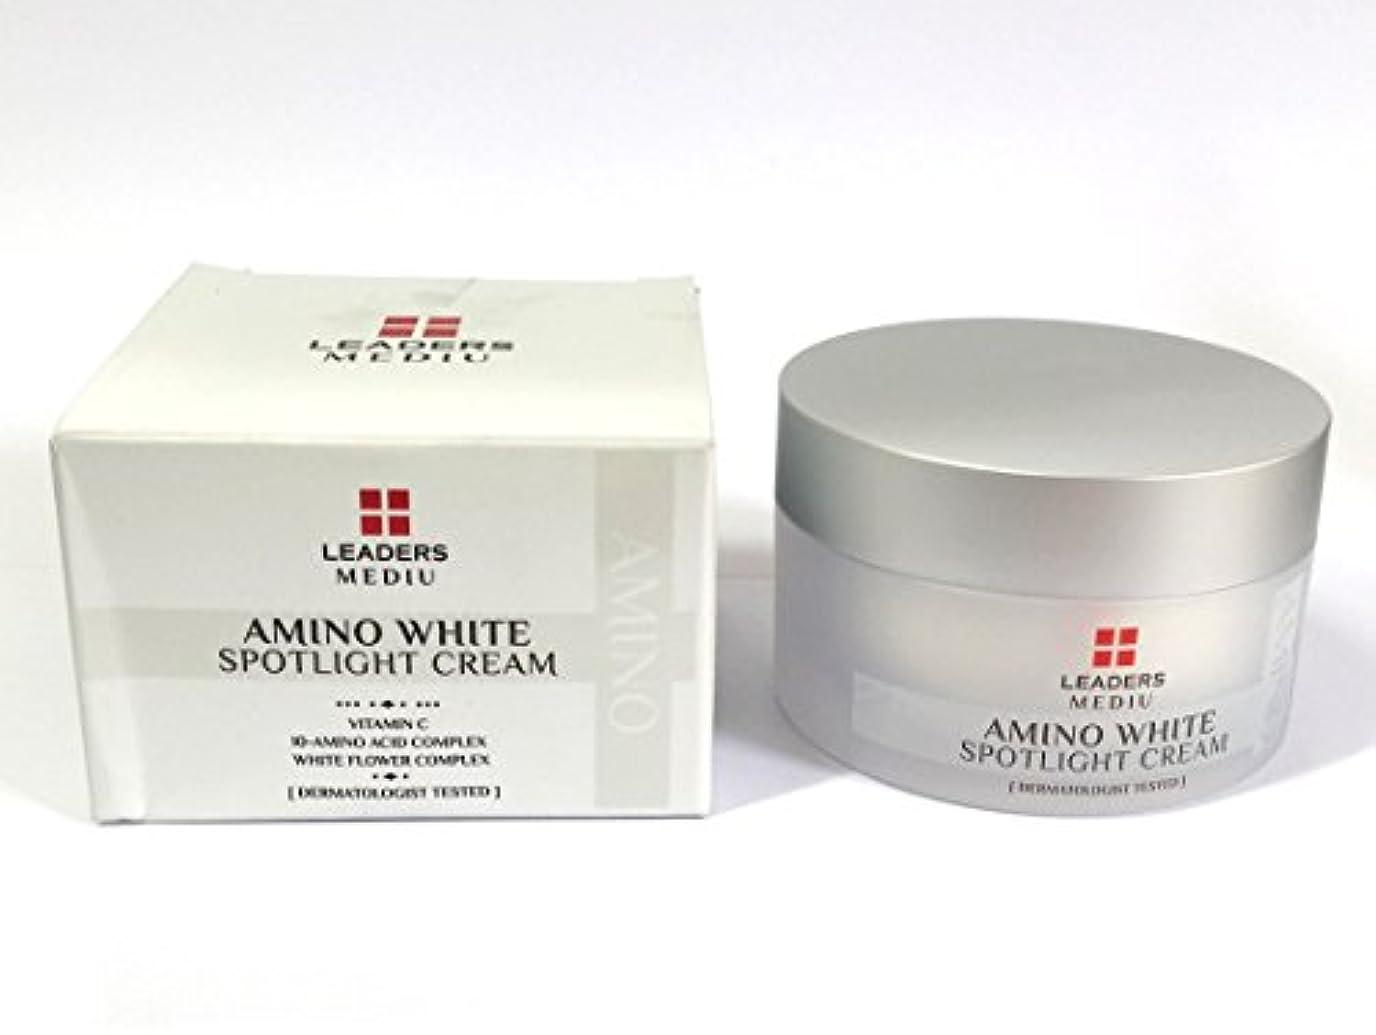 ナットジョセフバンクスクランシー[Leaders] アミノホワイトスポットライト50ml / Amino White Spotlight Cream 50ml / ホワイトニング、アンチリンクル、モイスチャライジング / Whitening, Anti-Wrinkle, Moisturizing / 韓国化粧品 / Korean Cosmetics [並行輸入品]